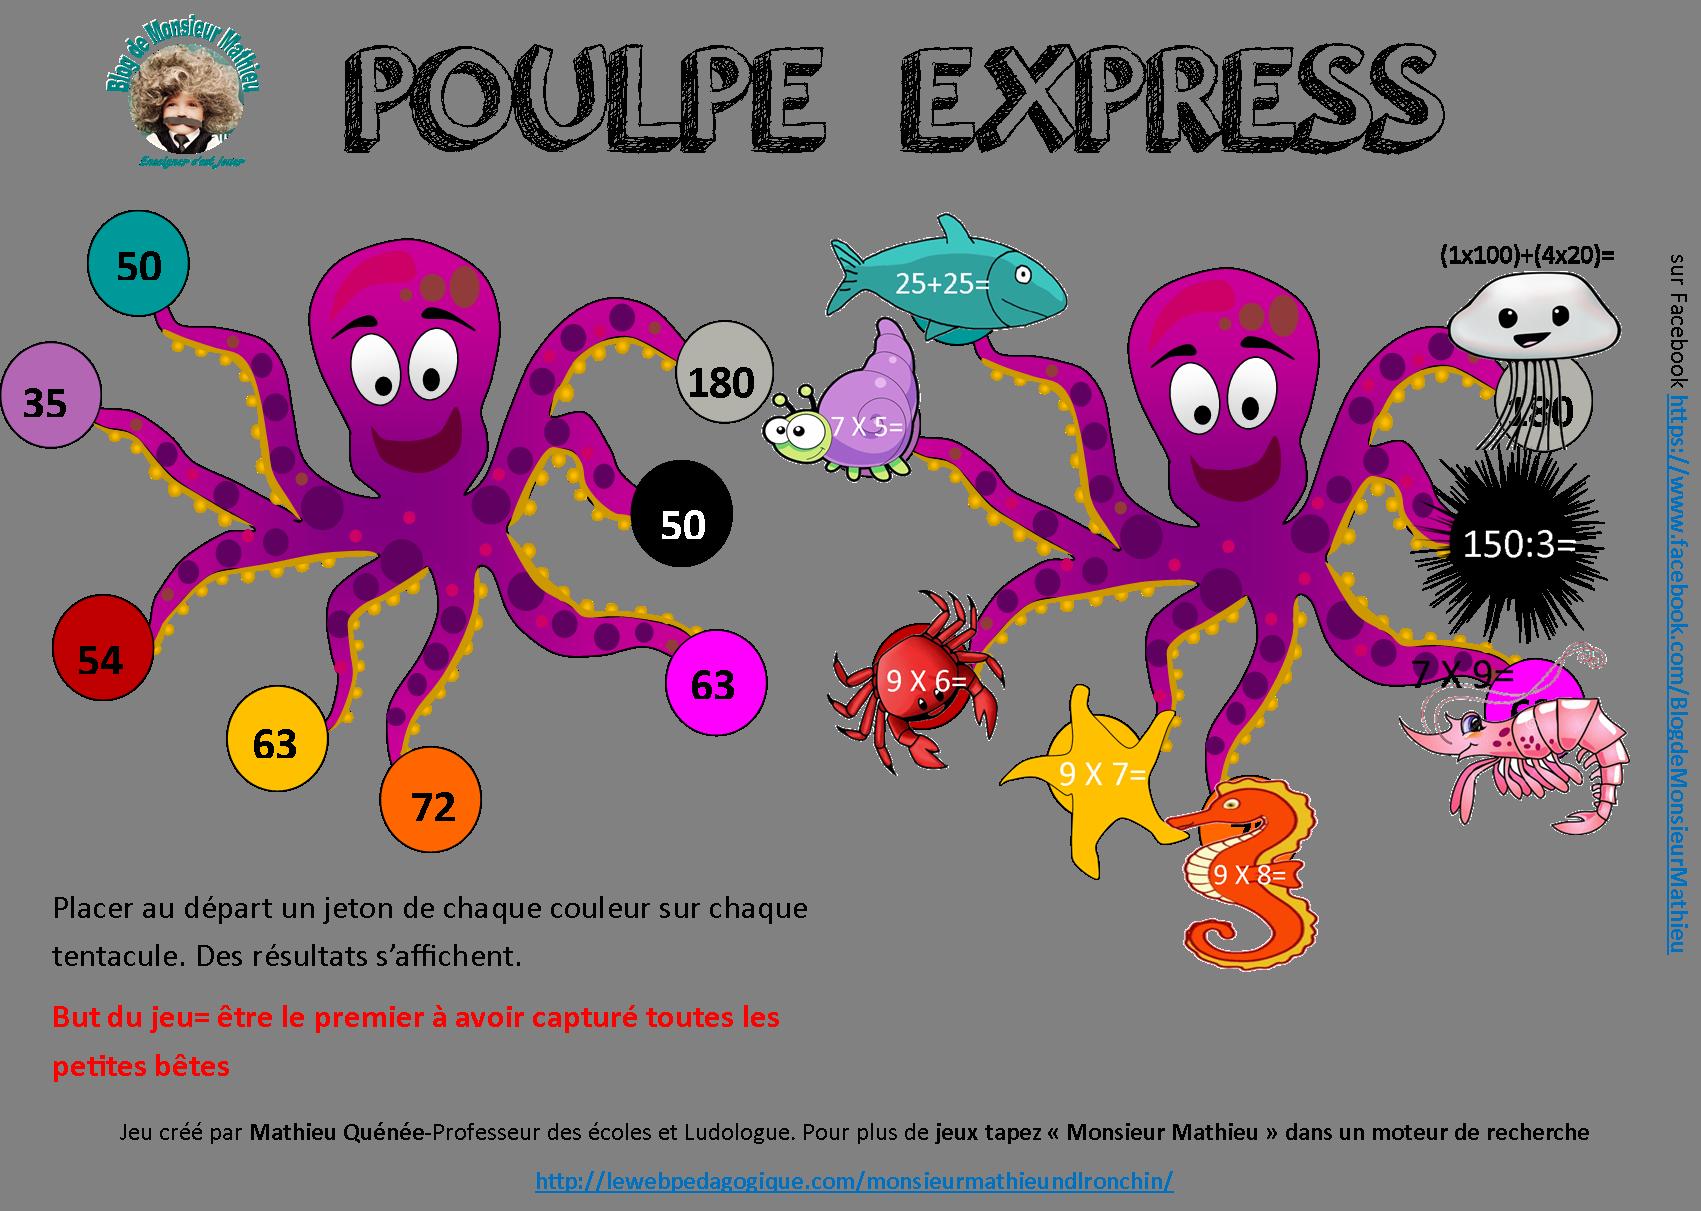 poulpe-express-le web pédagogique